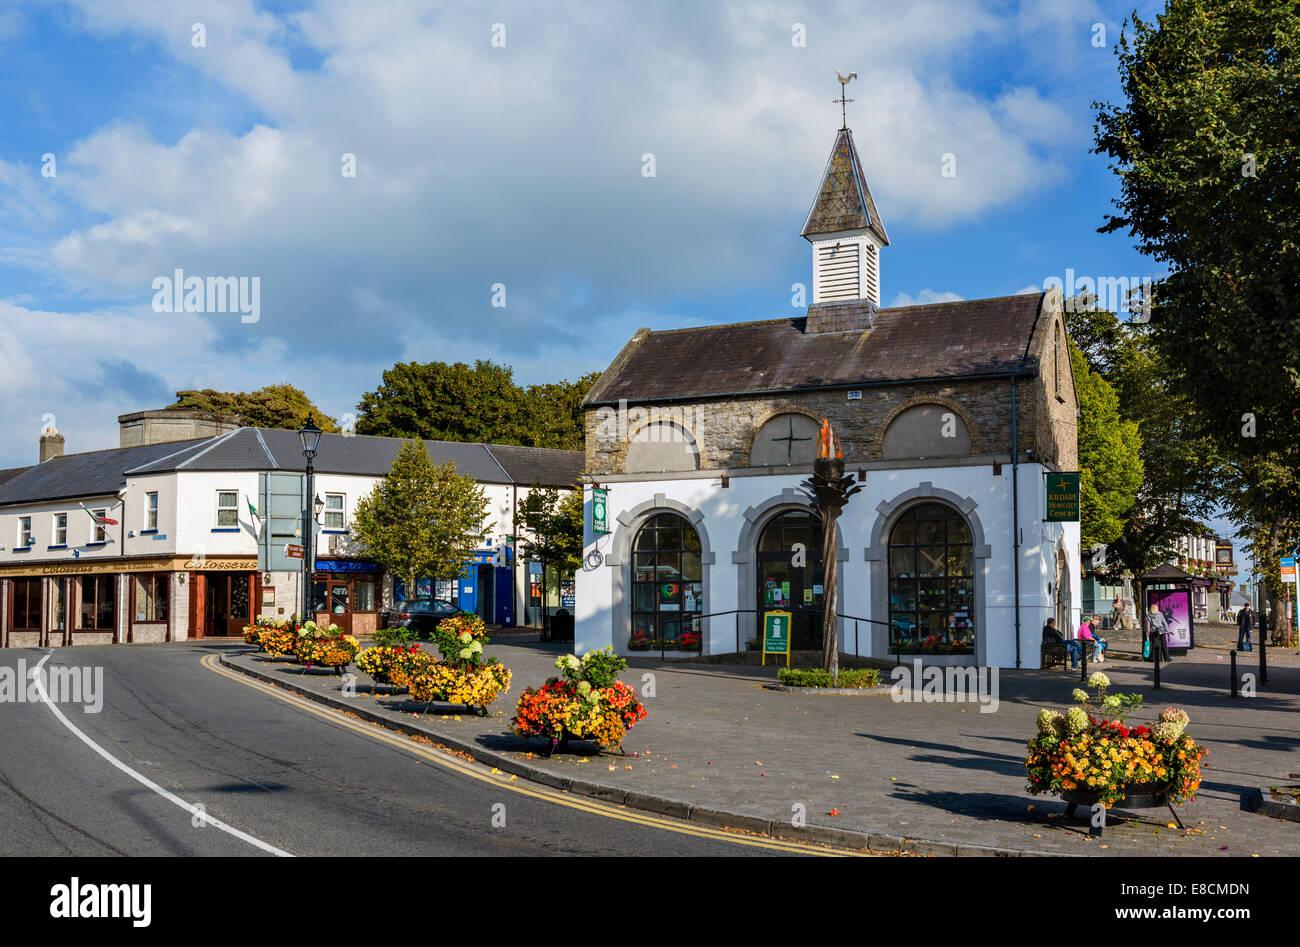 Heritage Centre in Market Square, Kildare, County Kildare, Republic of Ireland - Stock Image